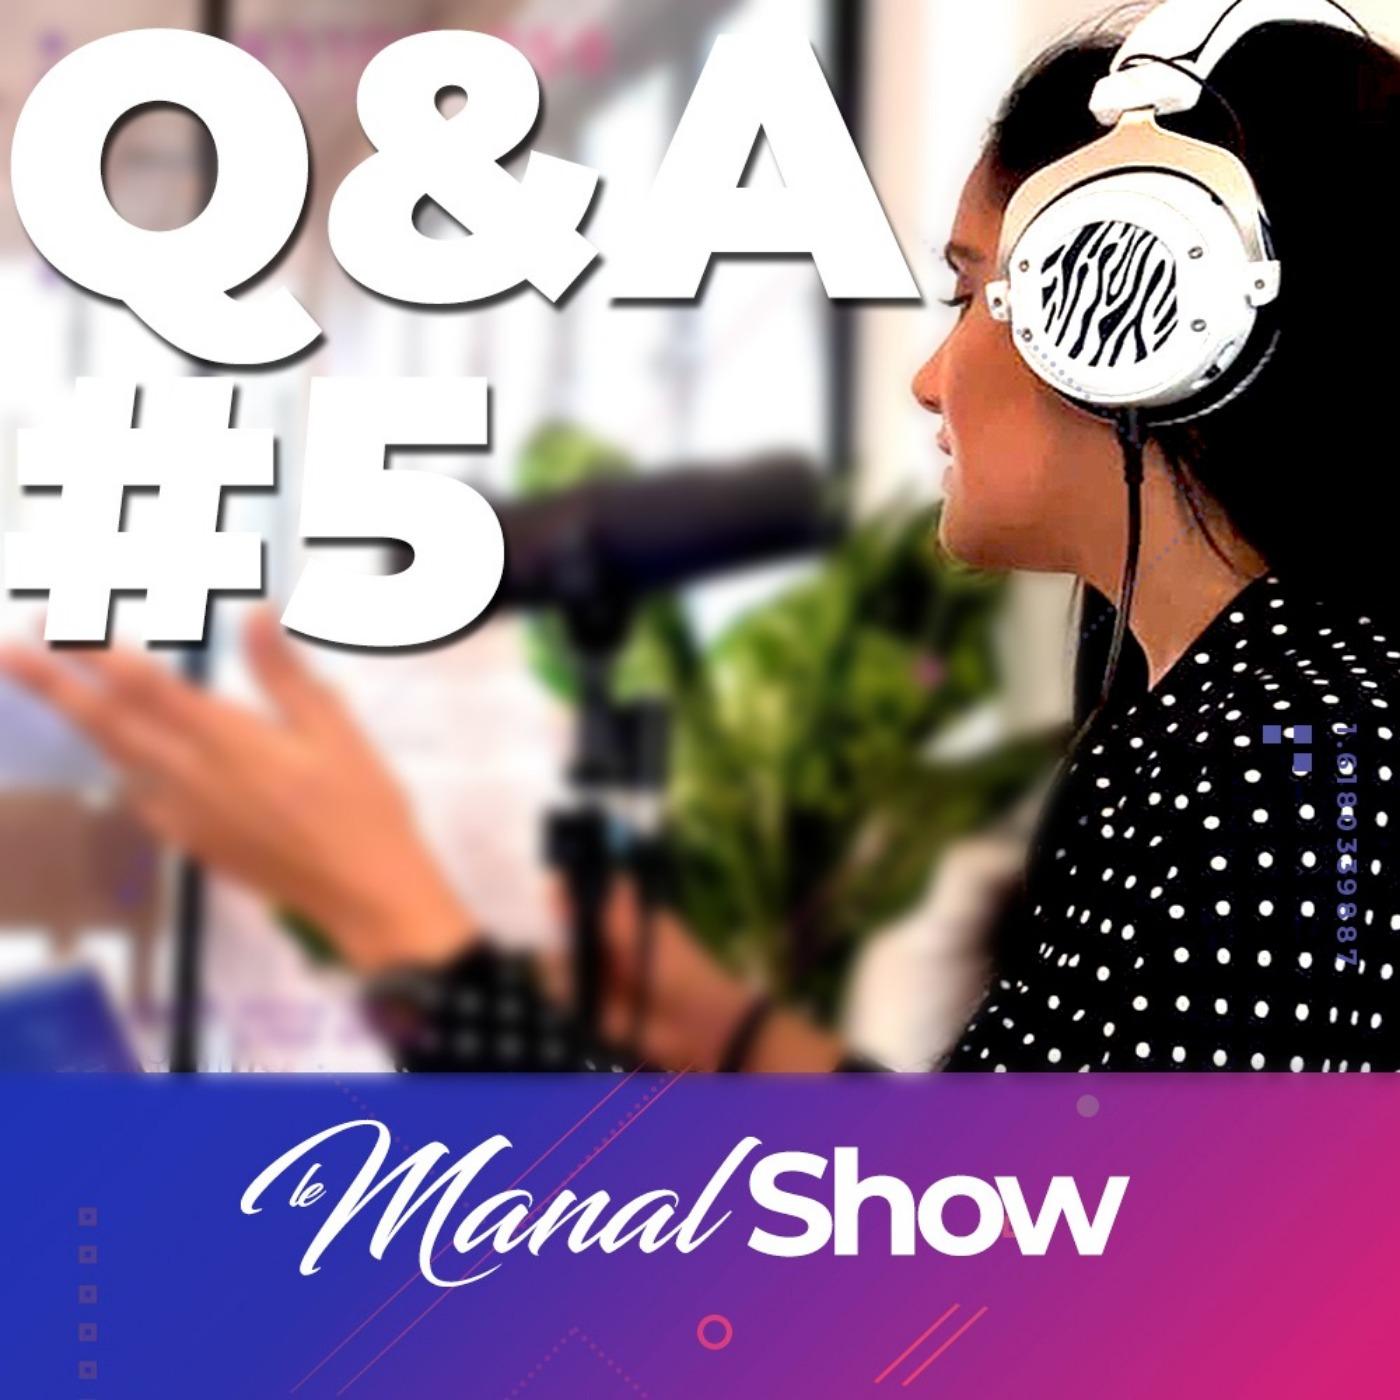 Q&A #05 - COMMENT TROUVER UNE IDÉE GÉNIALE